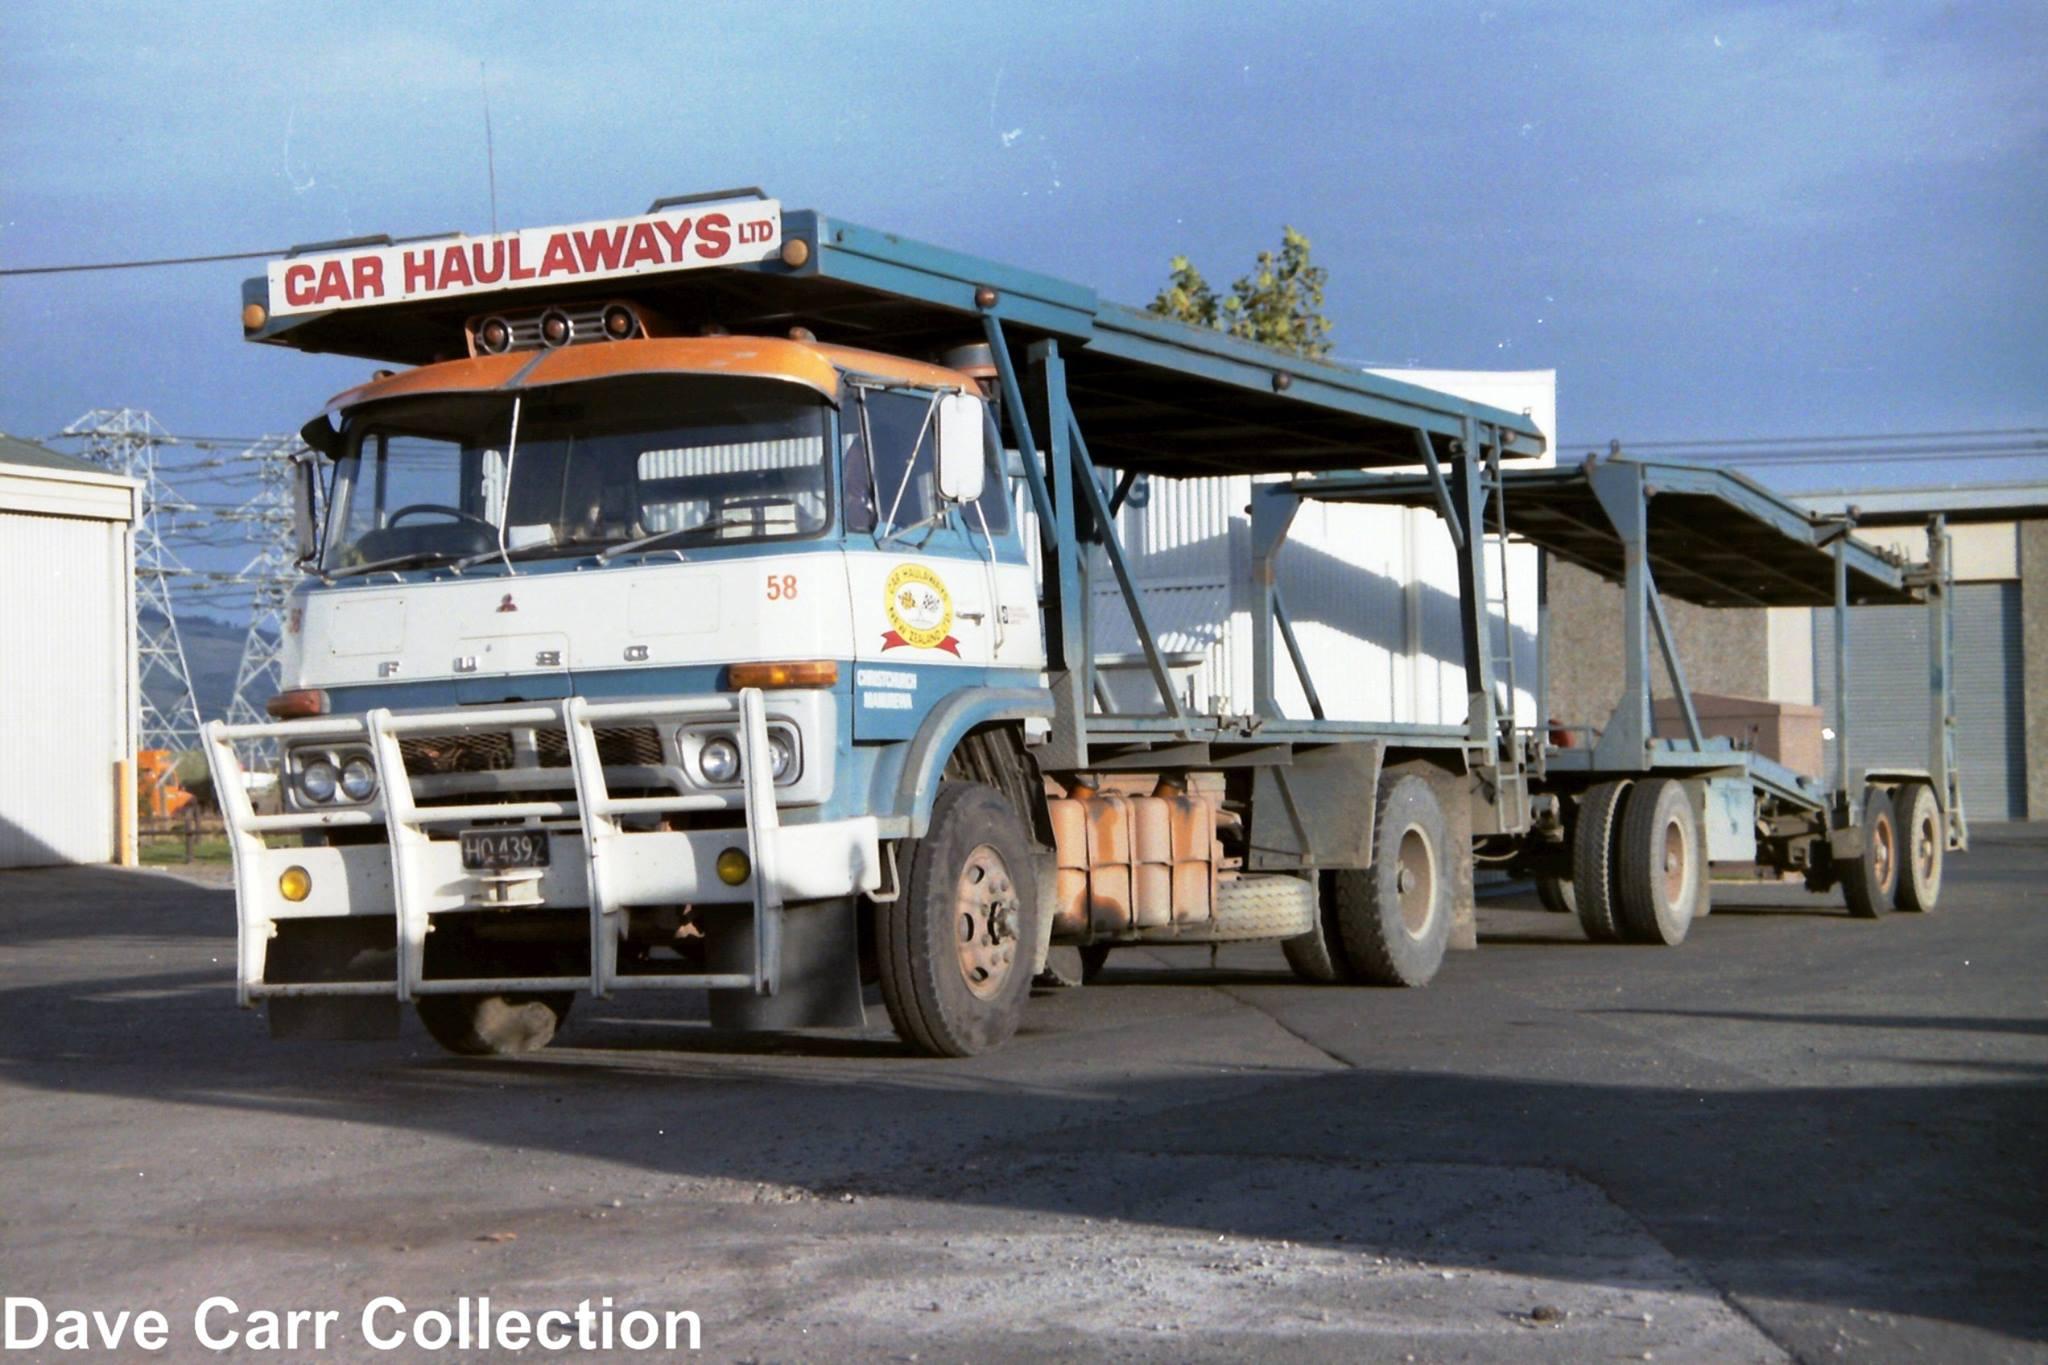 Fuso-Car-Haulaways-No-58--Australia